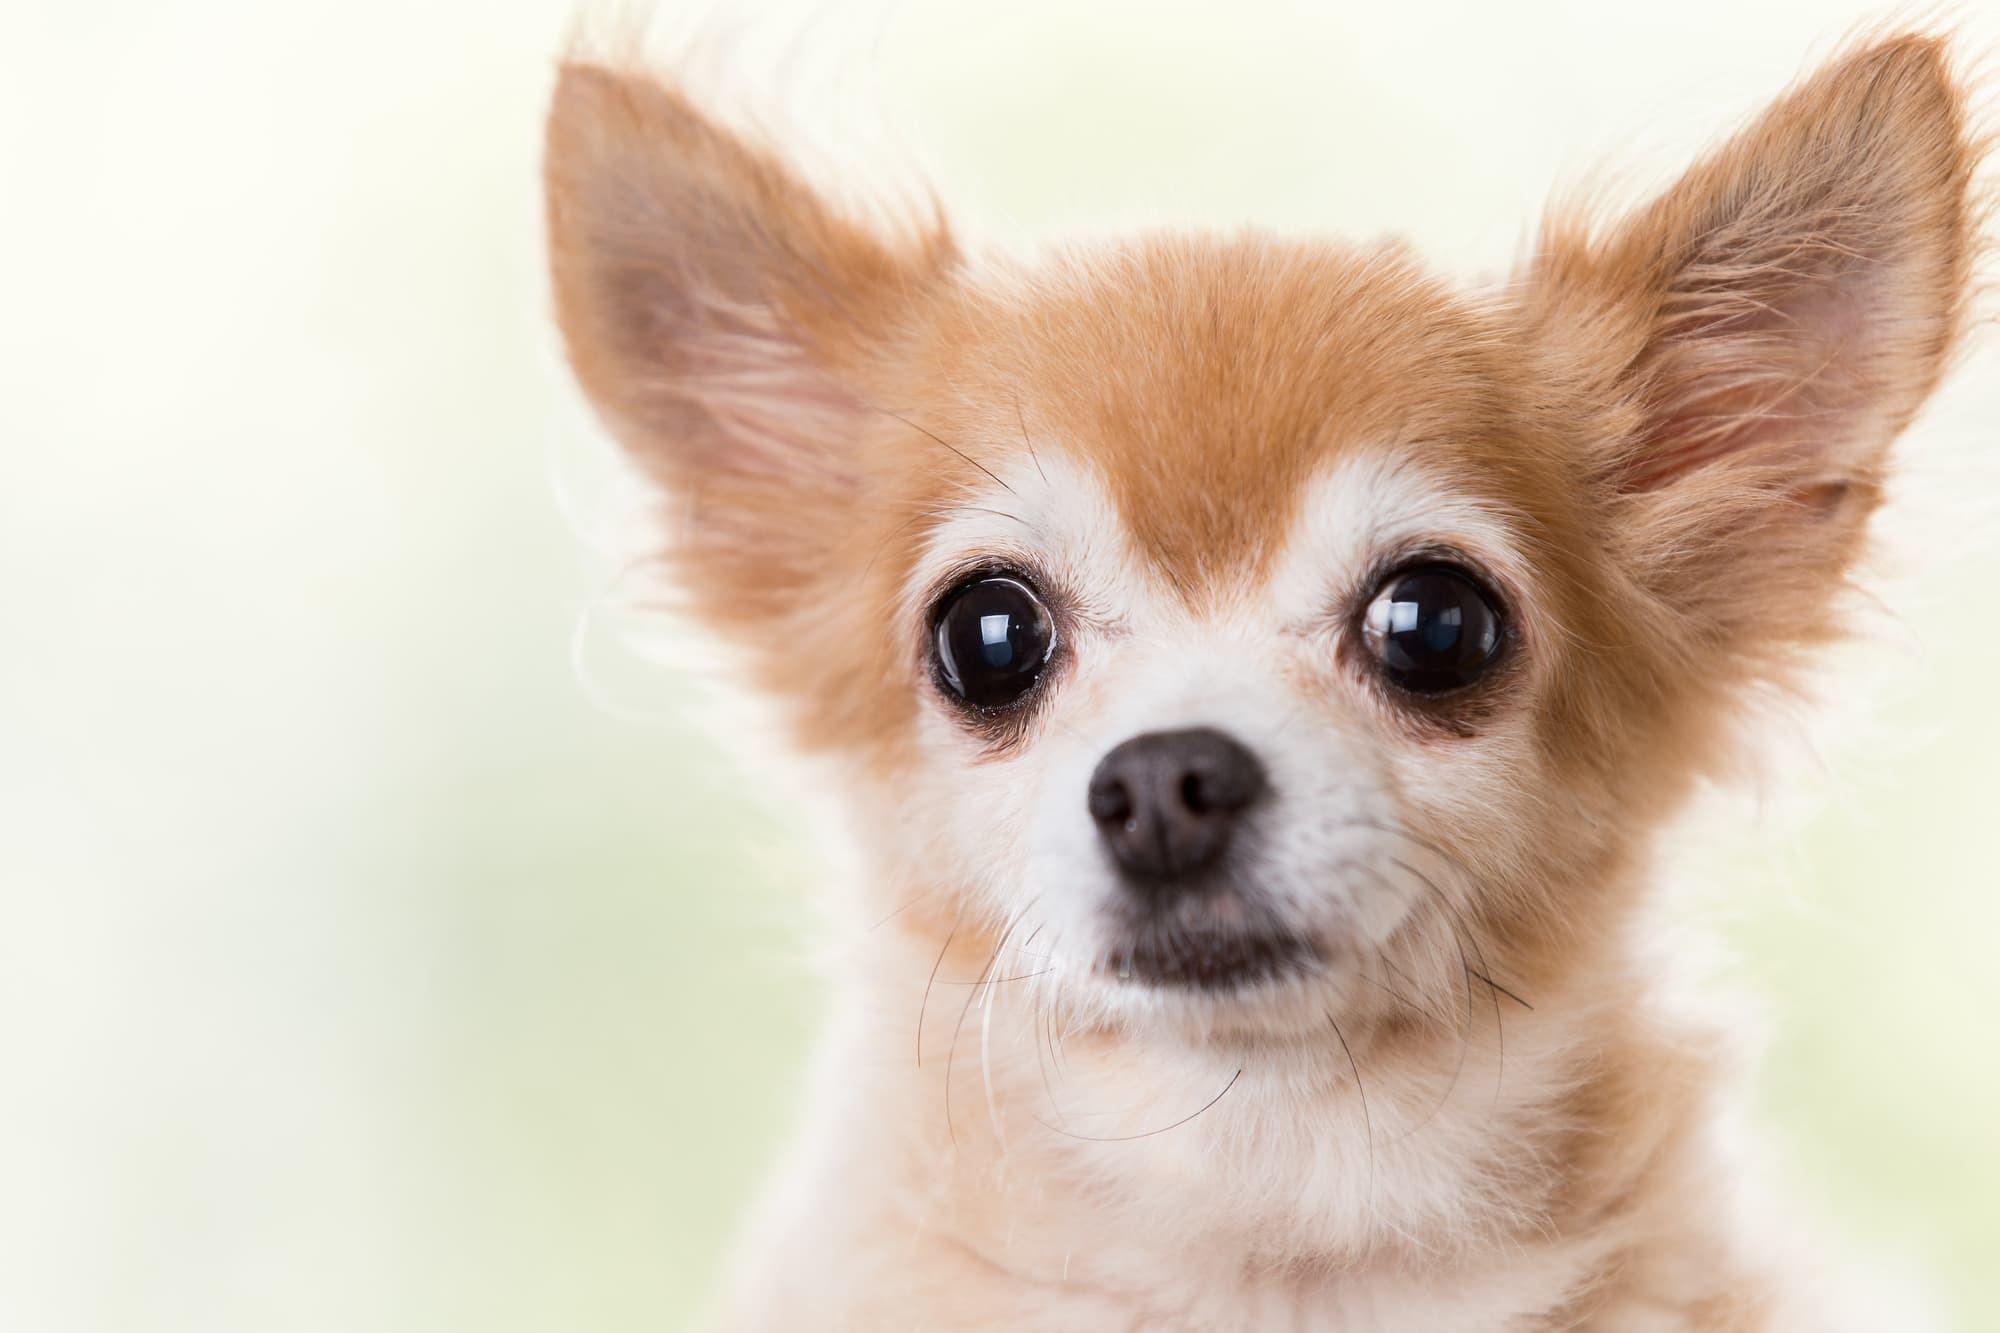 チワワにペット保険は必要?いらない?後悔しない選び方やタイミング、待機期間、条件、かかりやすい病気!